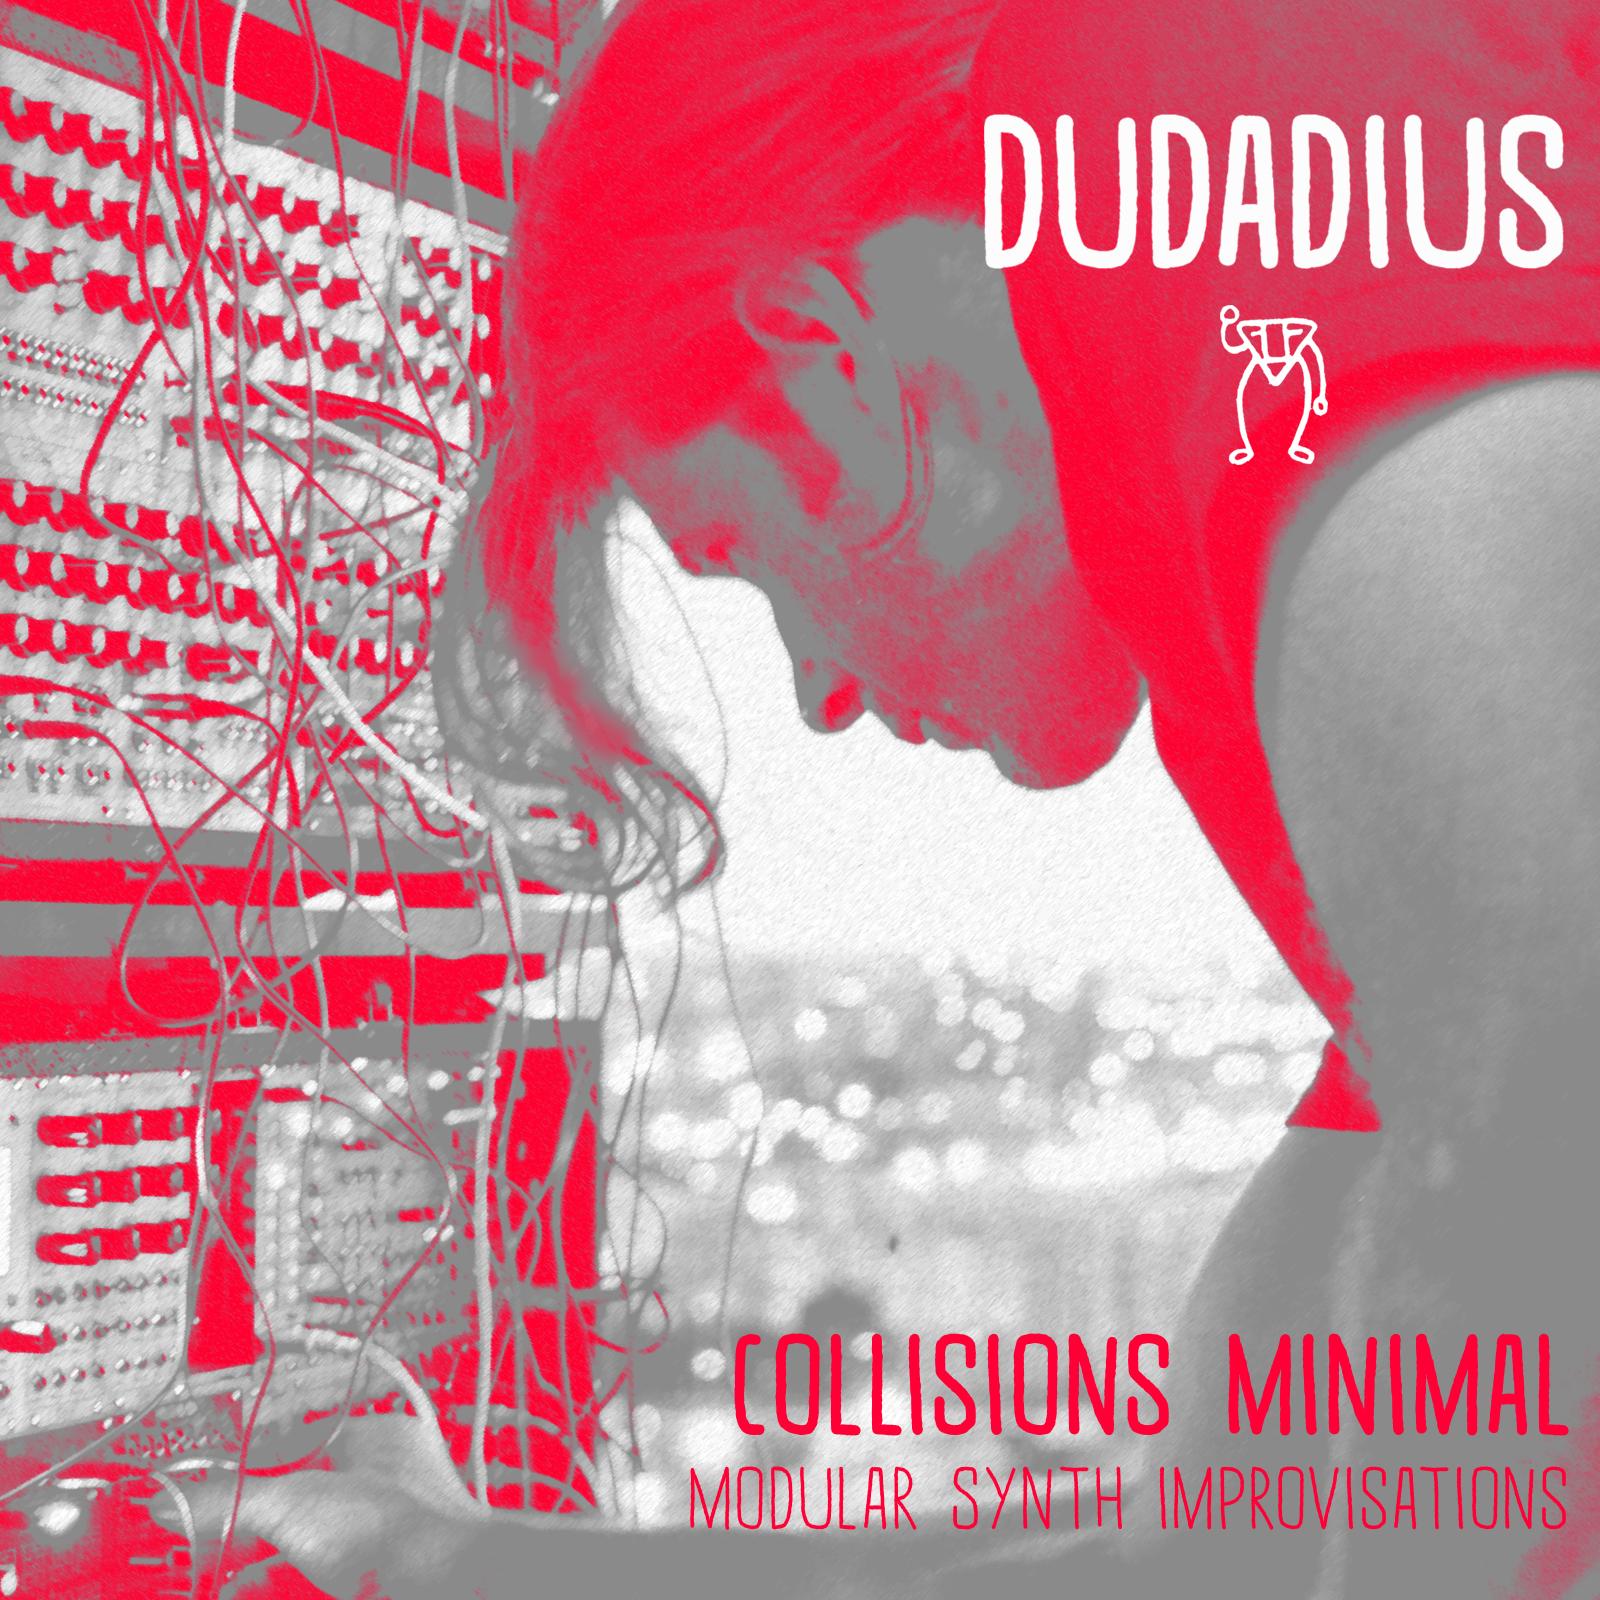 dudadius collisions minimalR3.jpg